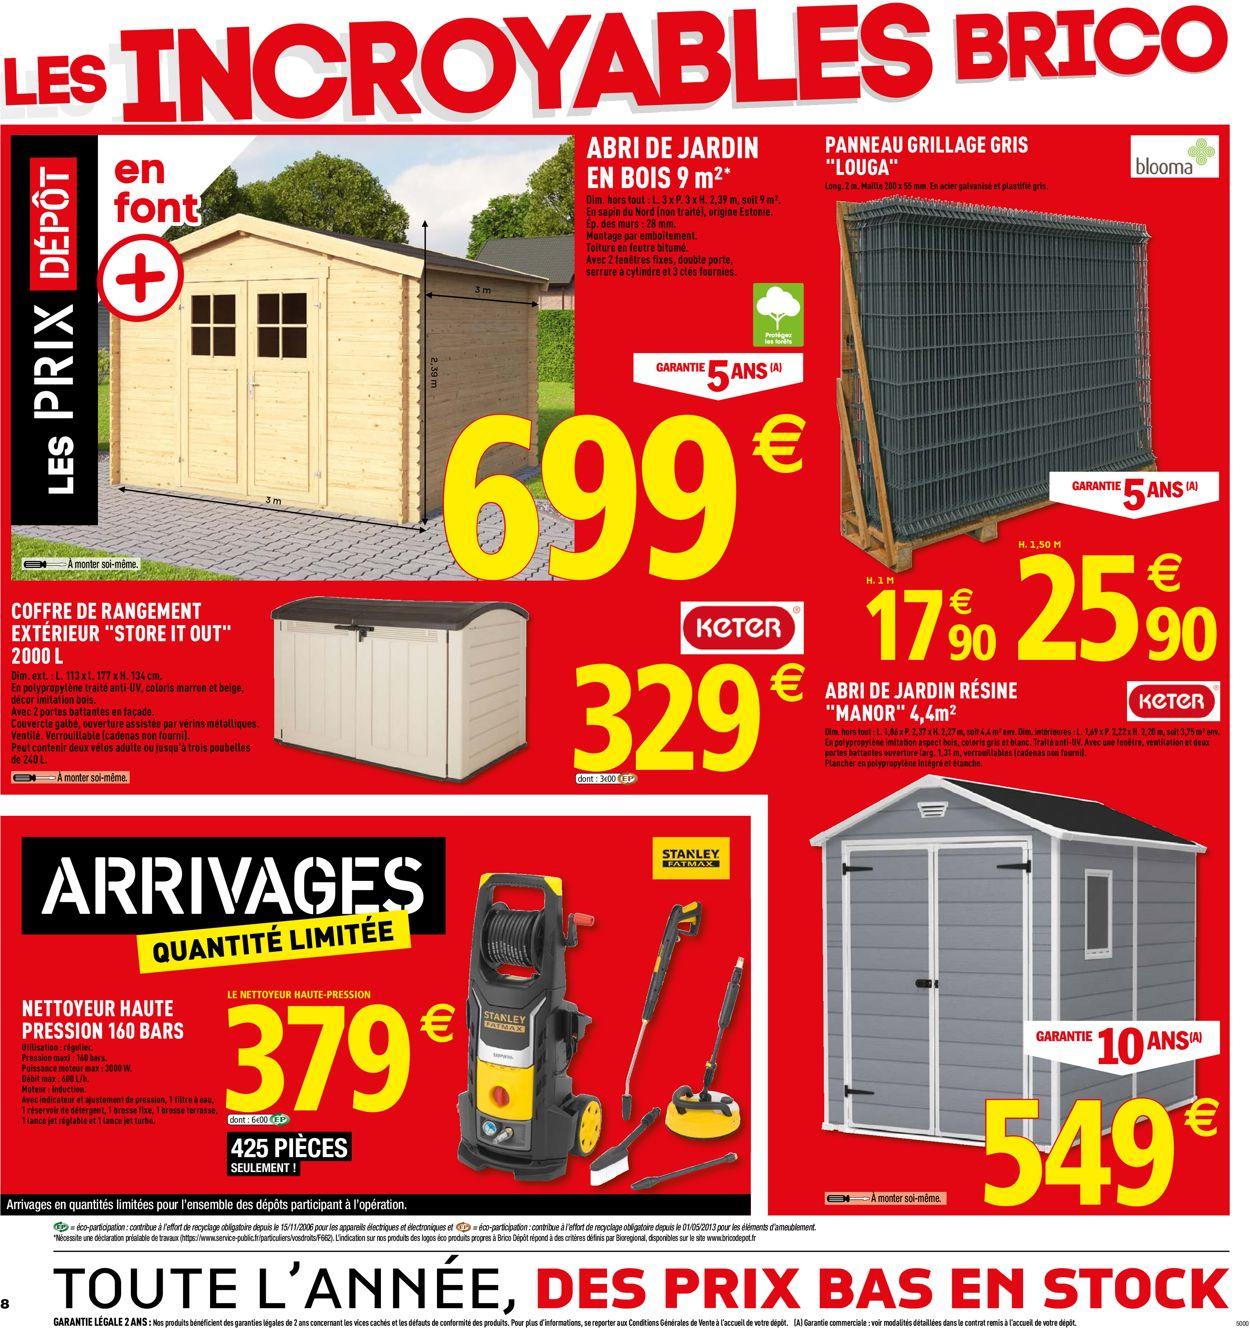 Brico Dépôt Catalogue Actuel 07.06 - 30.06.2019 [8 ... intérieur Abris De Jardin Metal Brico Depot